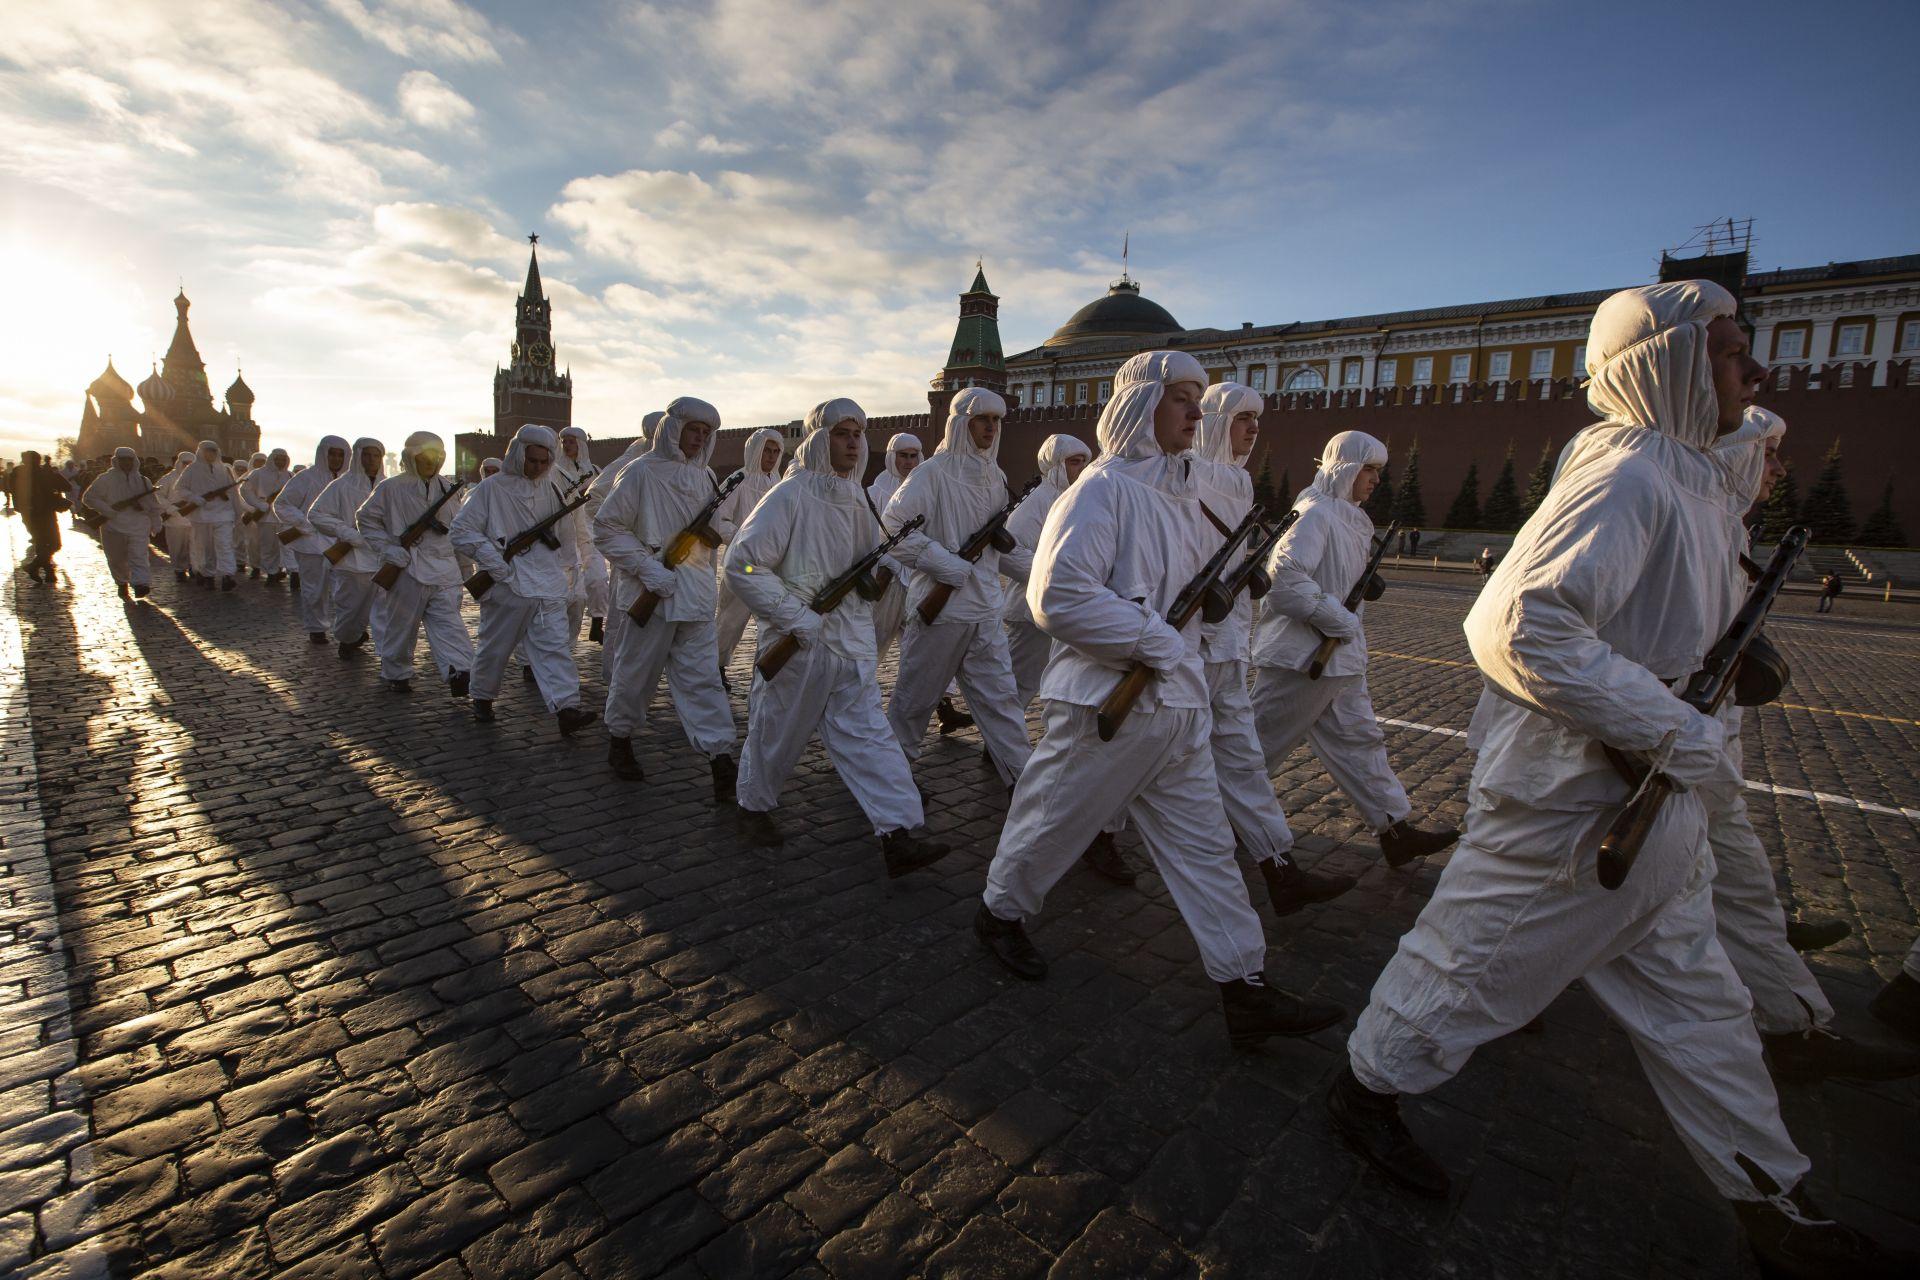 Руски войници, облечени в униформи на Втората световна война на Червената армия, по време на парада на 7 ноември в Червения площад в Москва